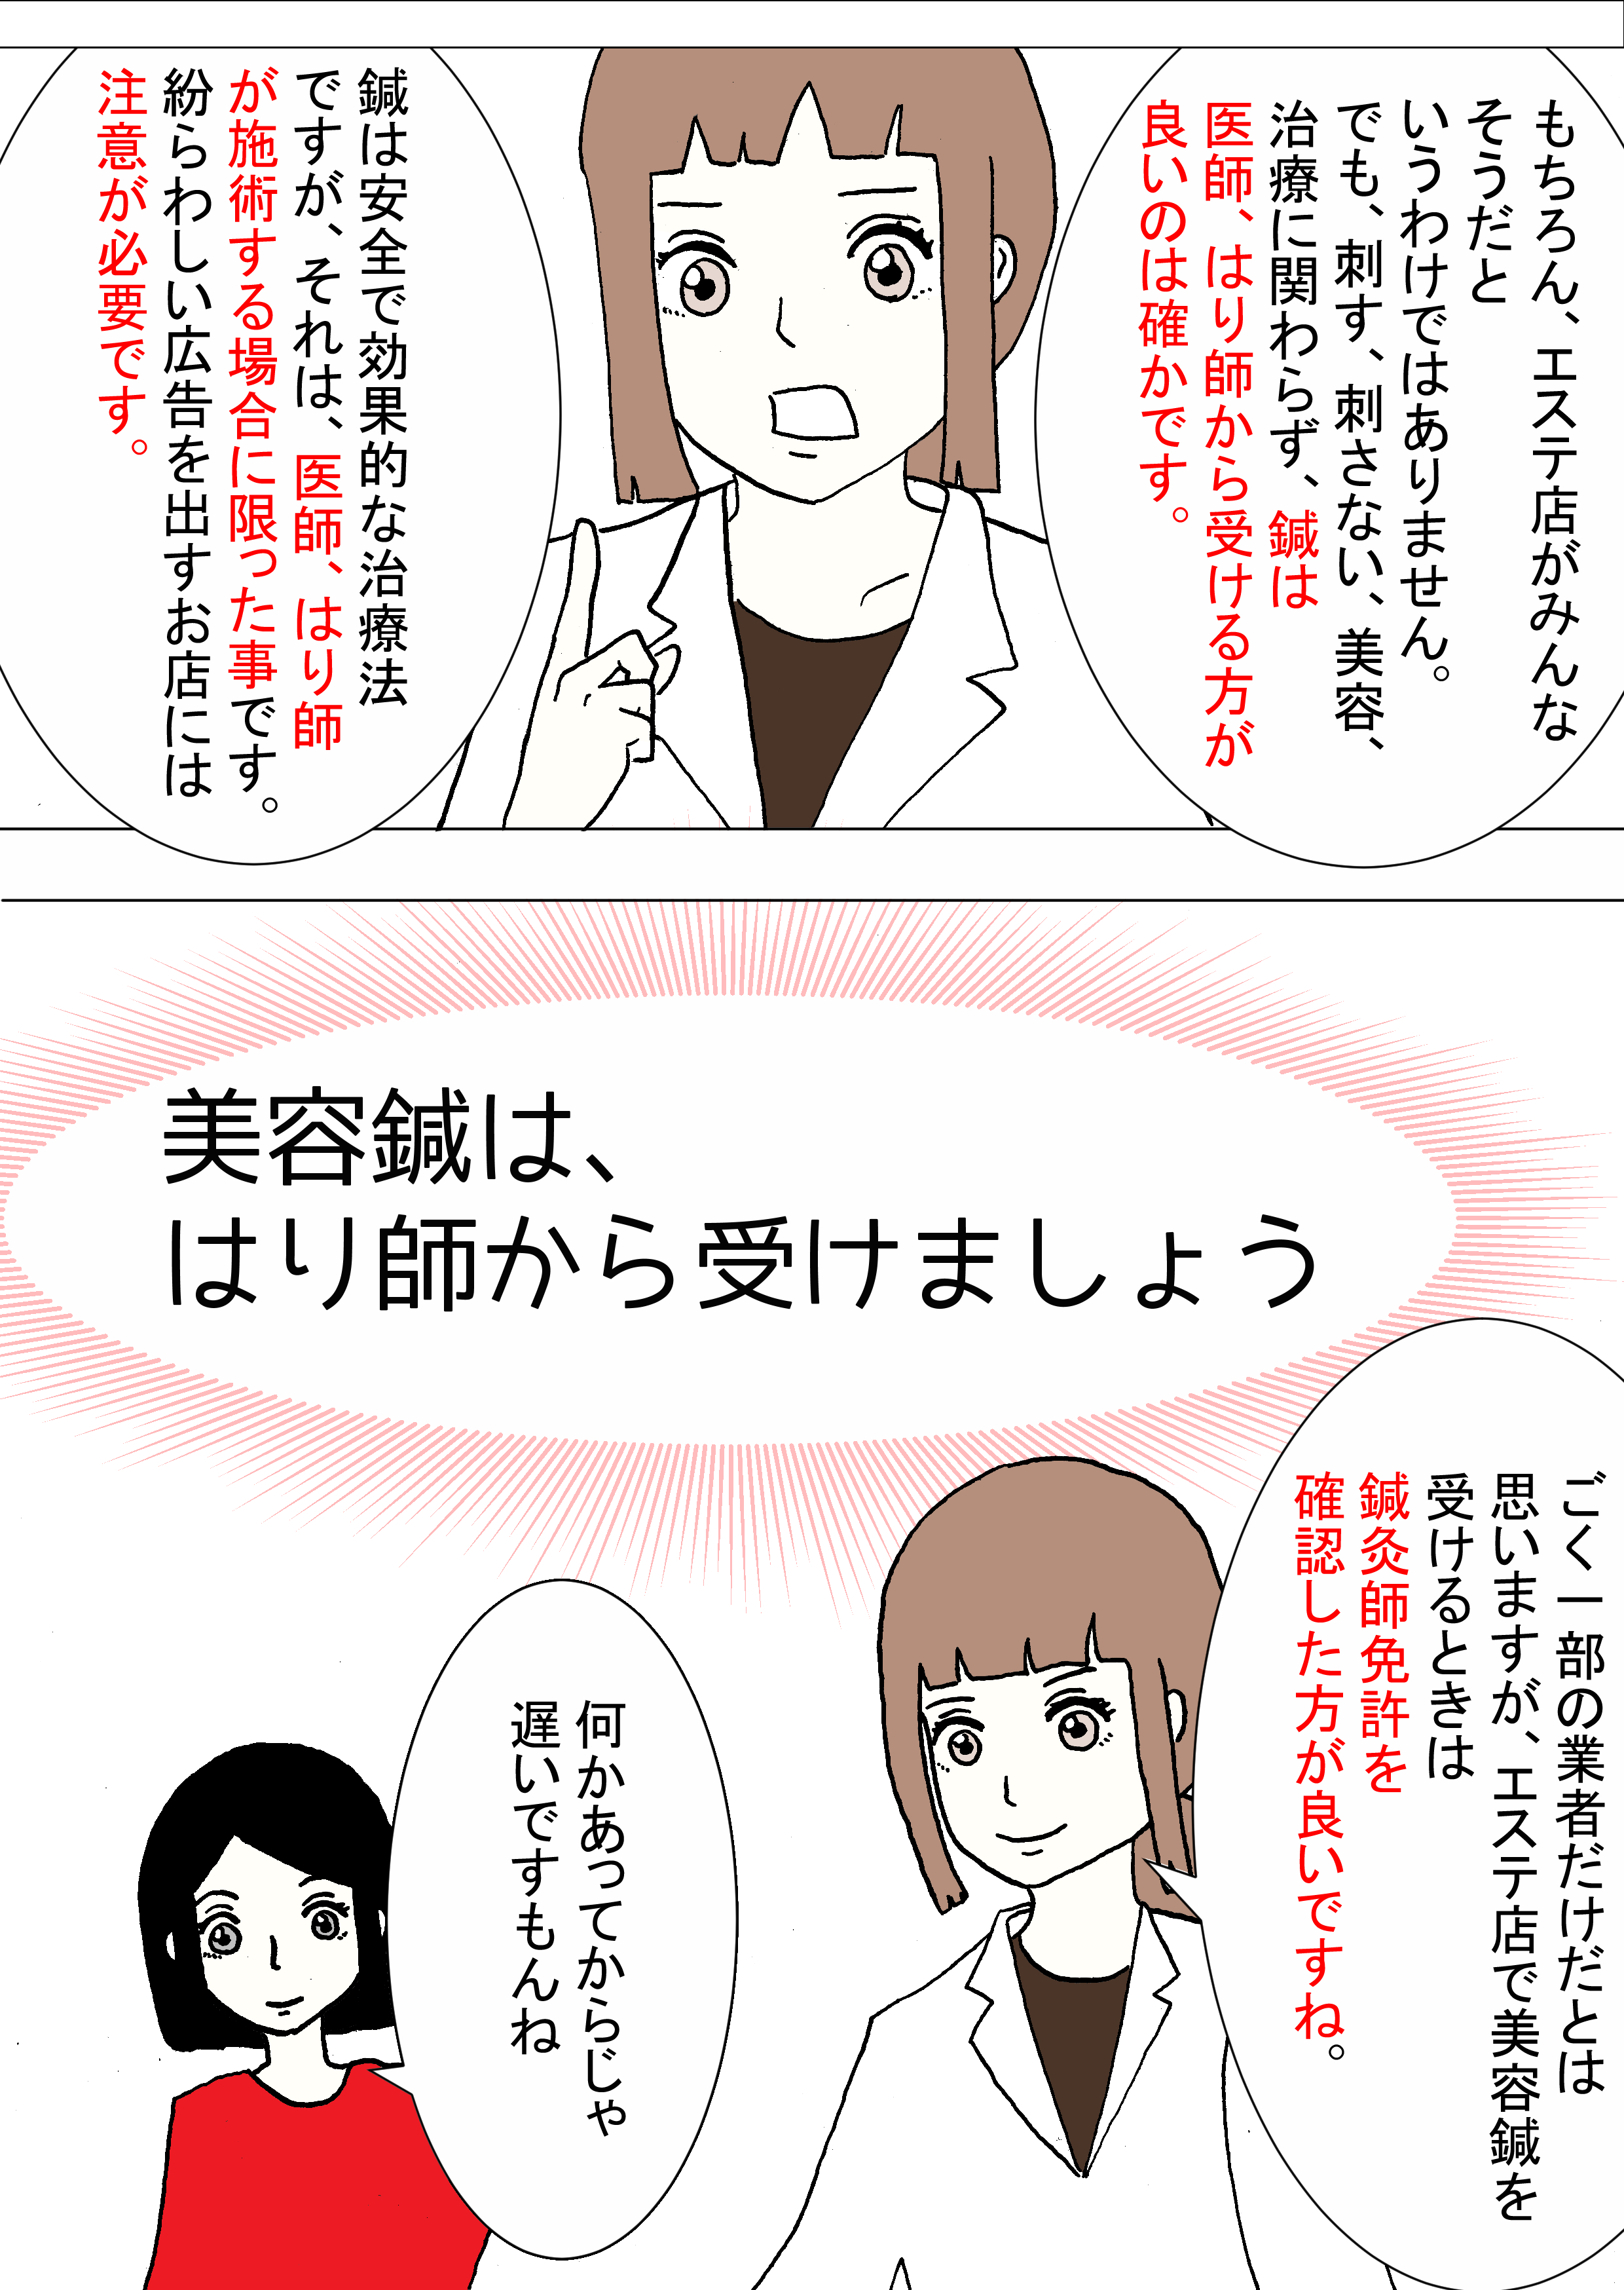 美容鍼ははり師から